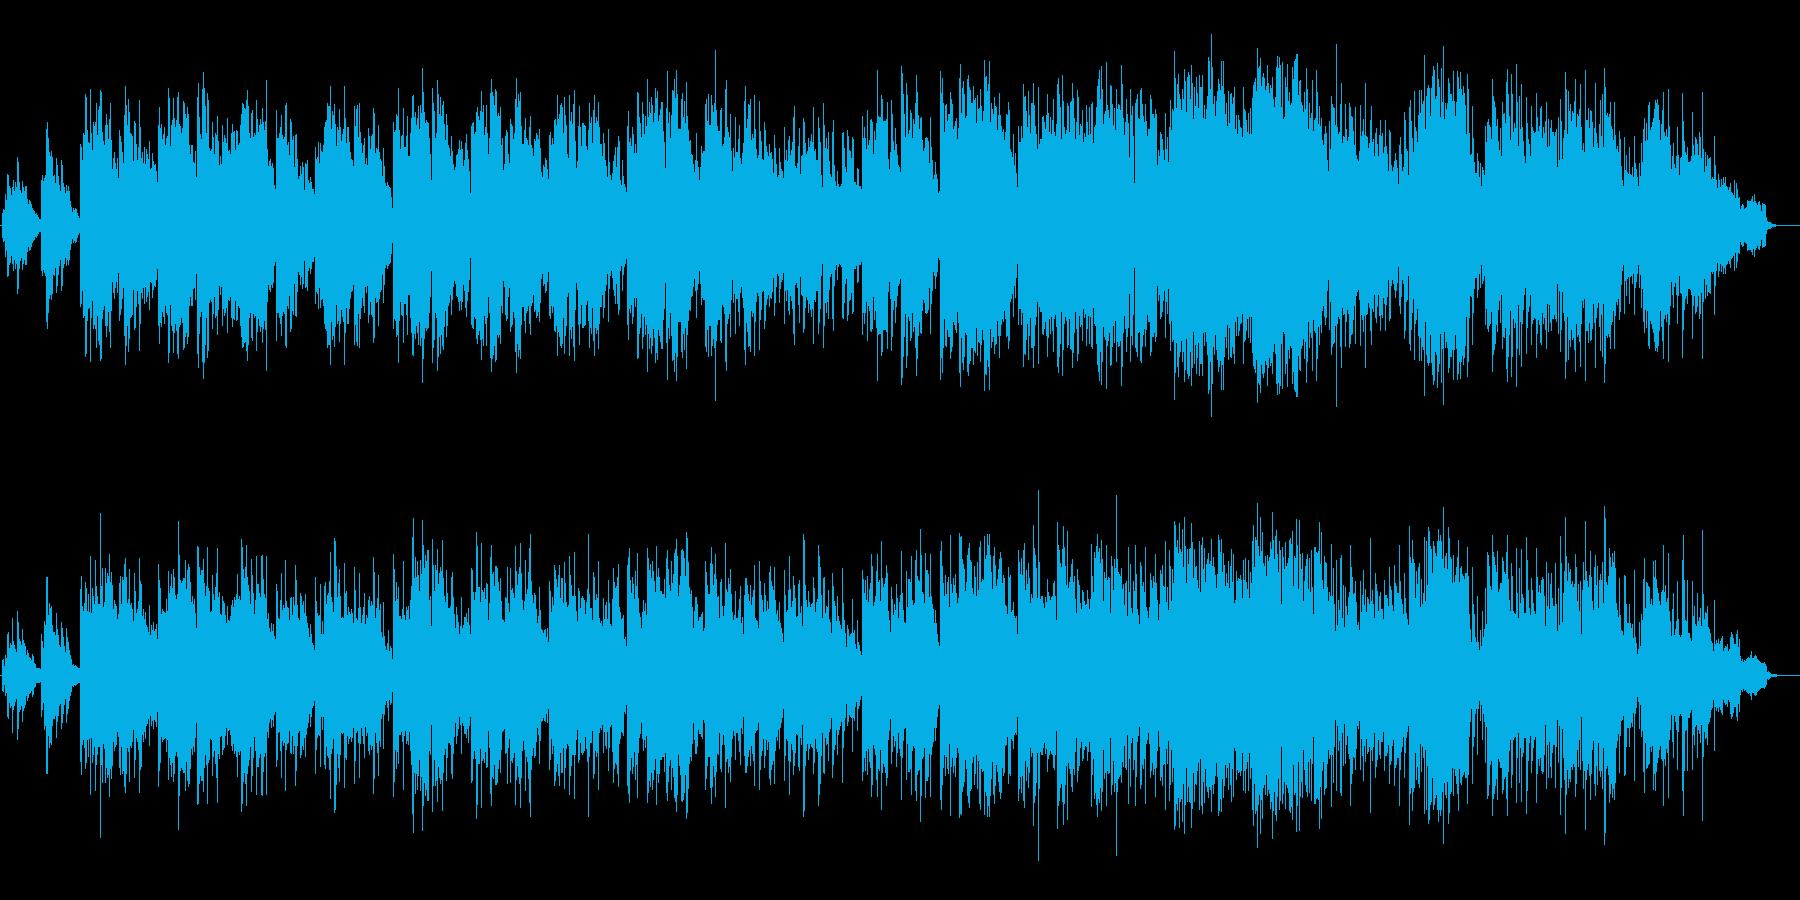 現代的なブルースの再生済みの波形